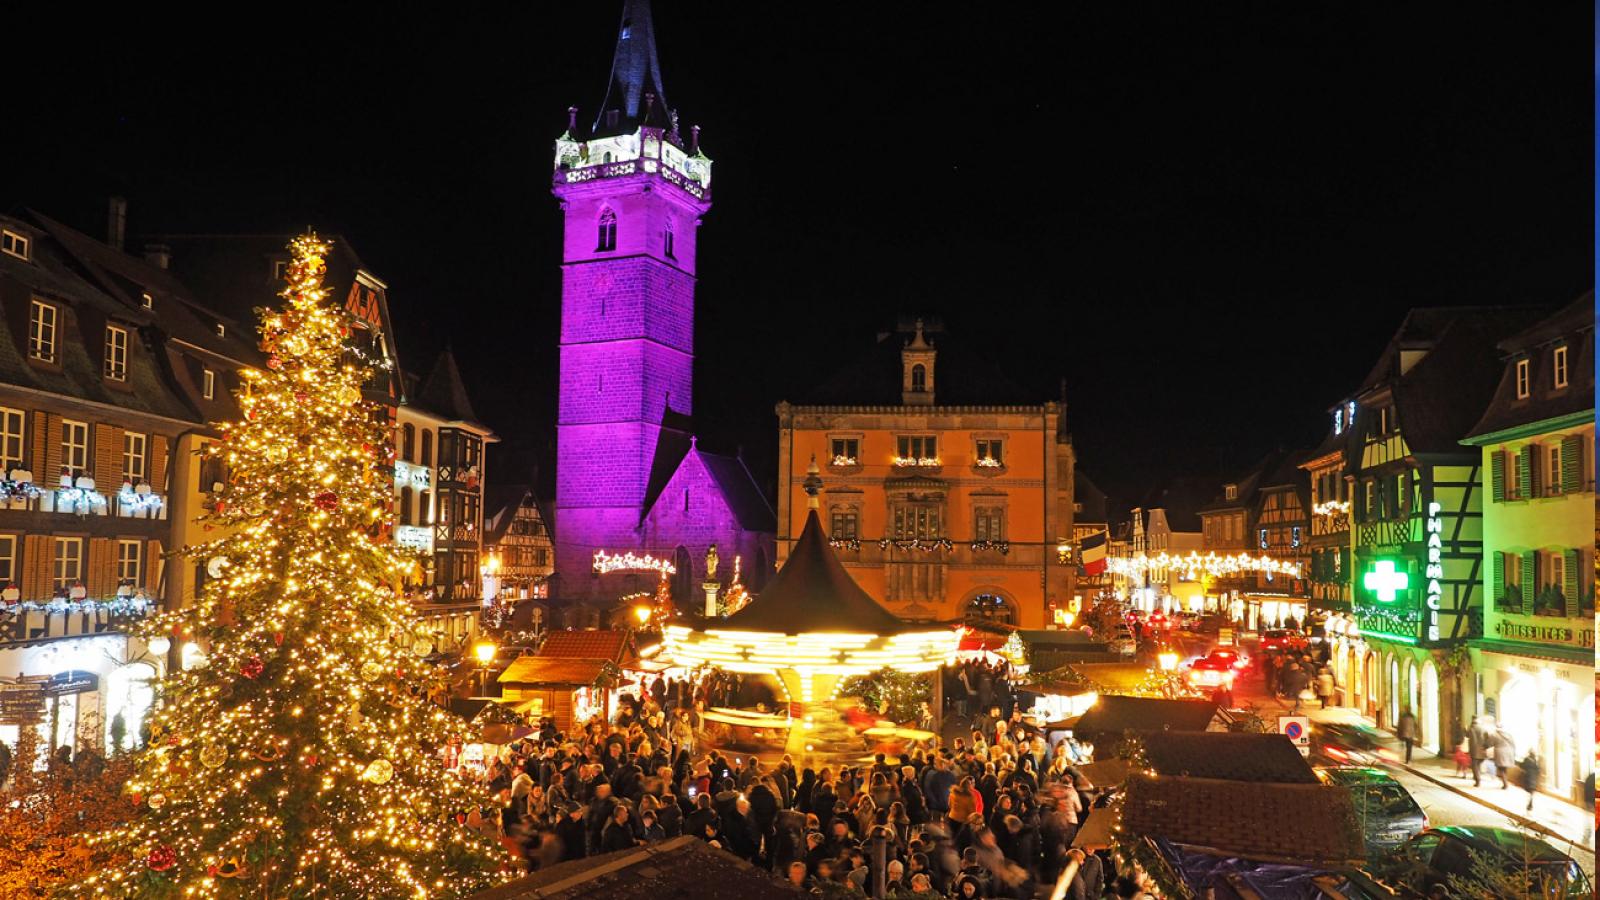 Weihnachtsmarkt Elsass 2021